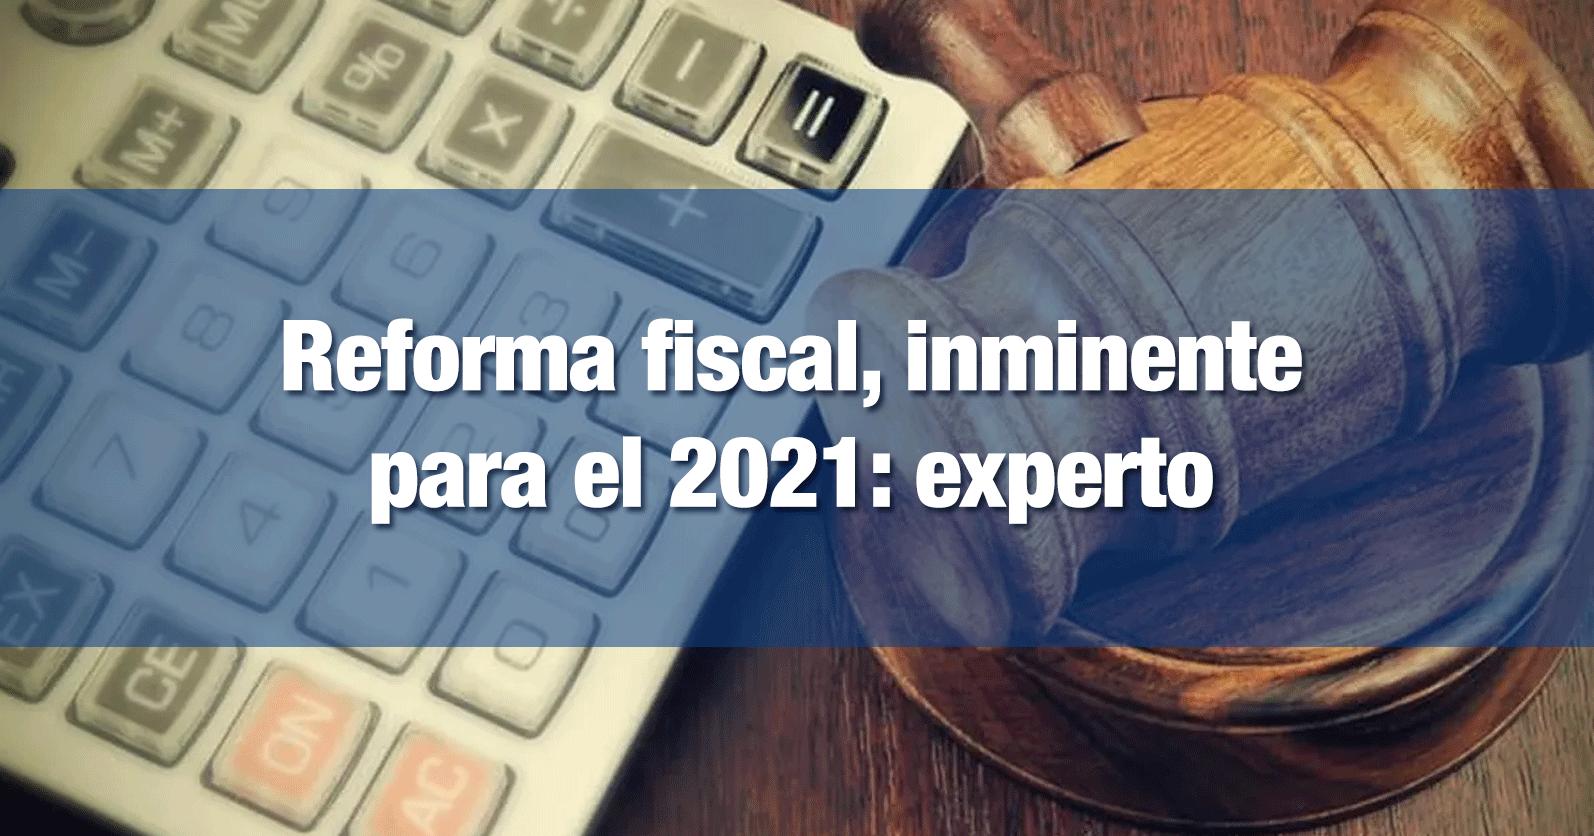 Reforma fiscal, inminente para el 2021: experto